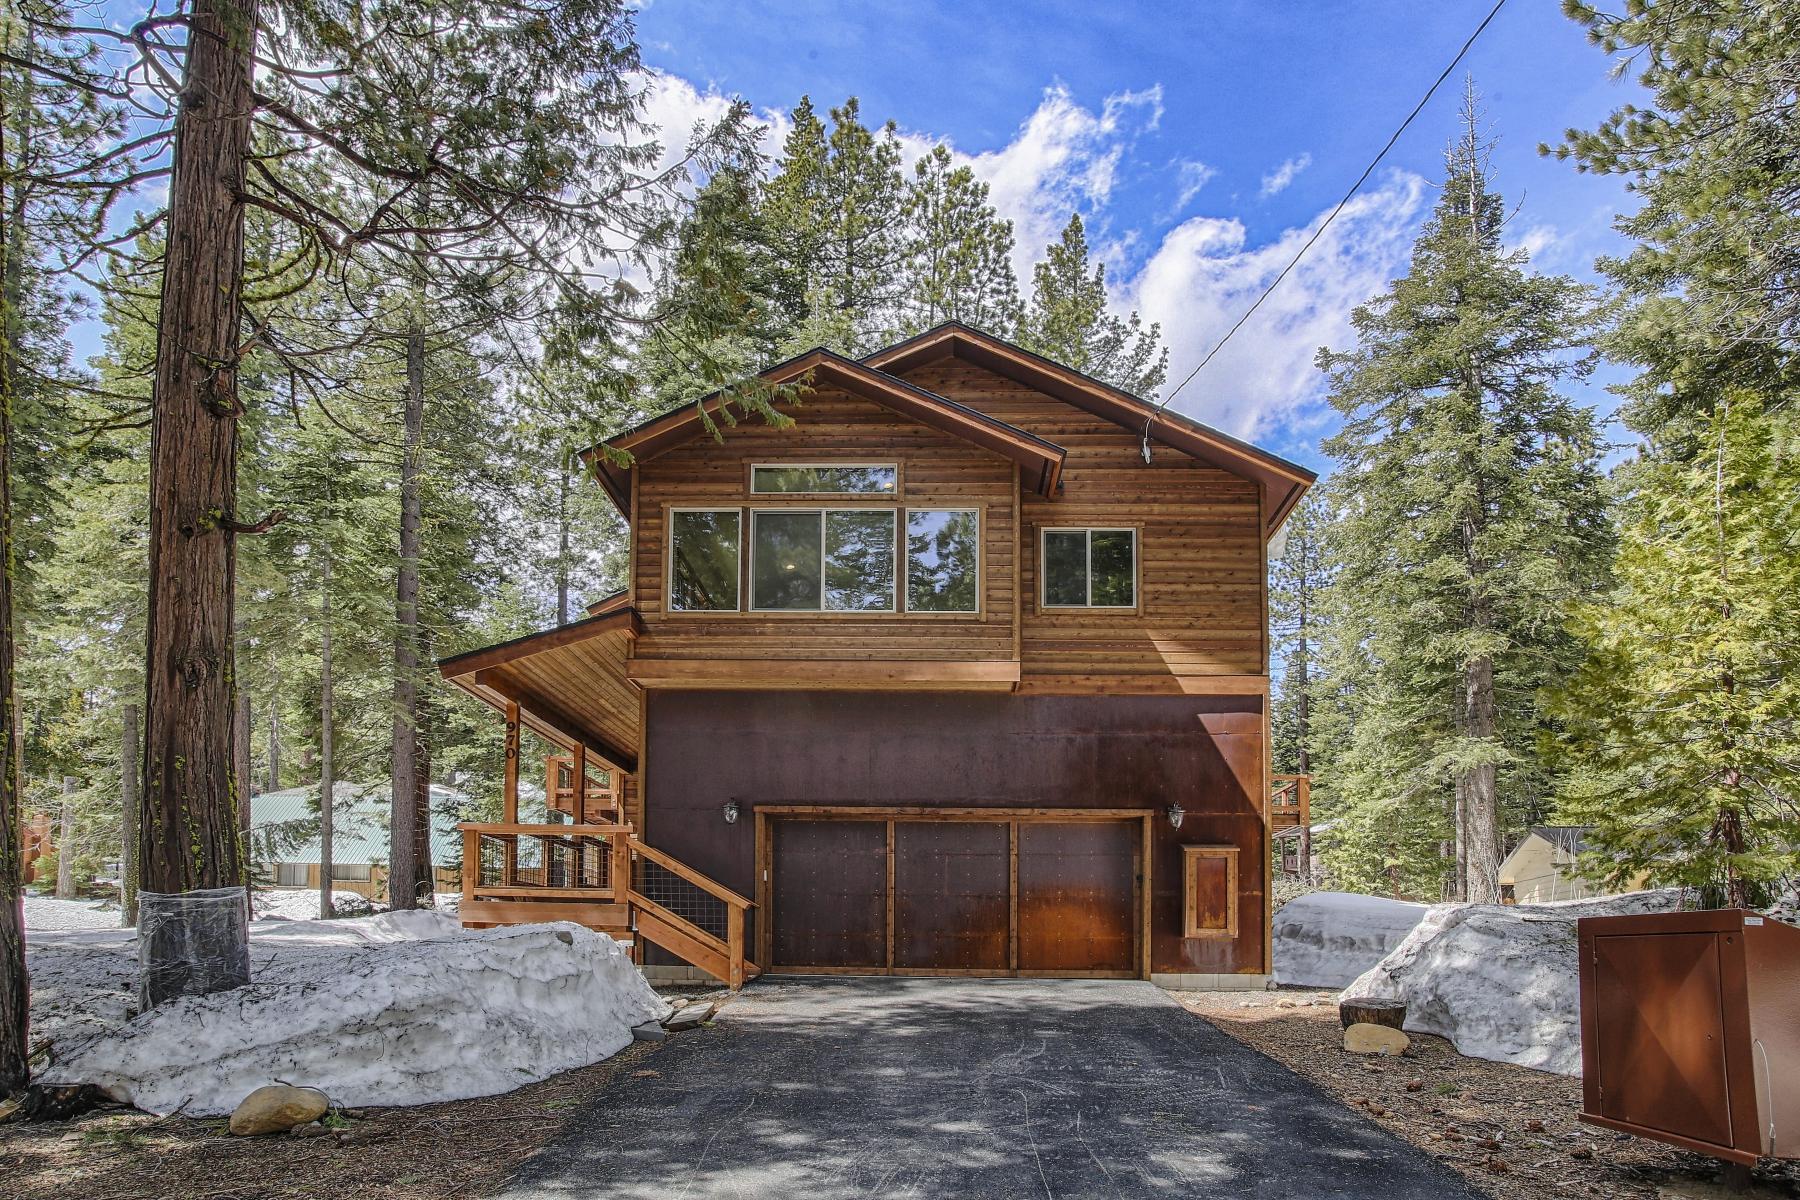 Частный односемейный дом для того Продажа на 970 The Drive Tahoe City, Калифорния 96145 Соединенные Штаты